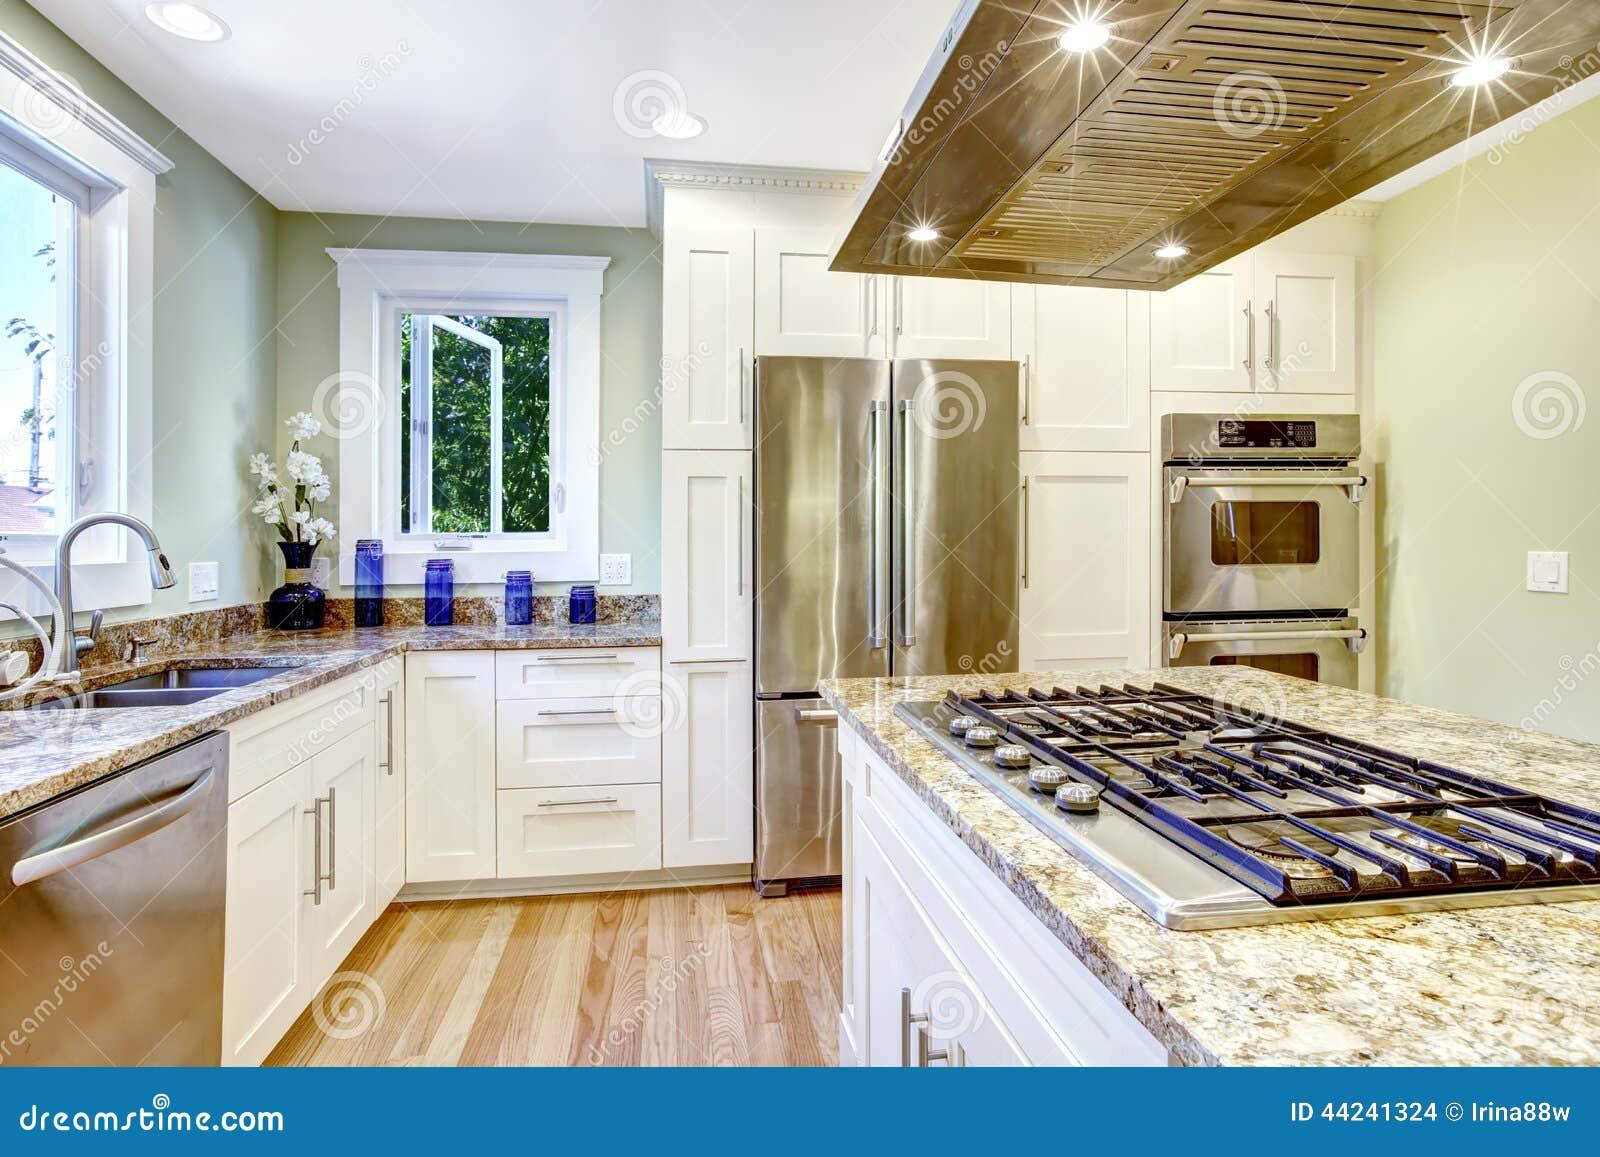 isla de cocina con la estufa incorporada el top del